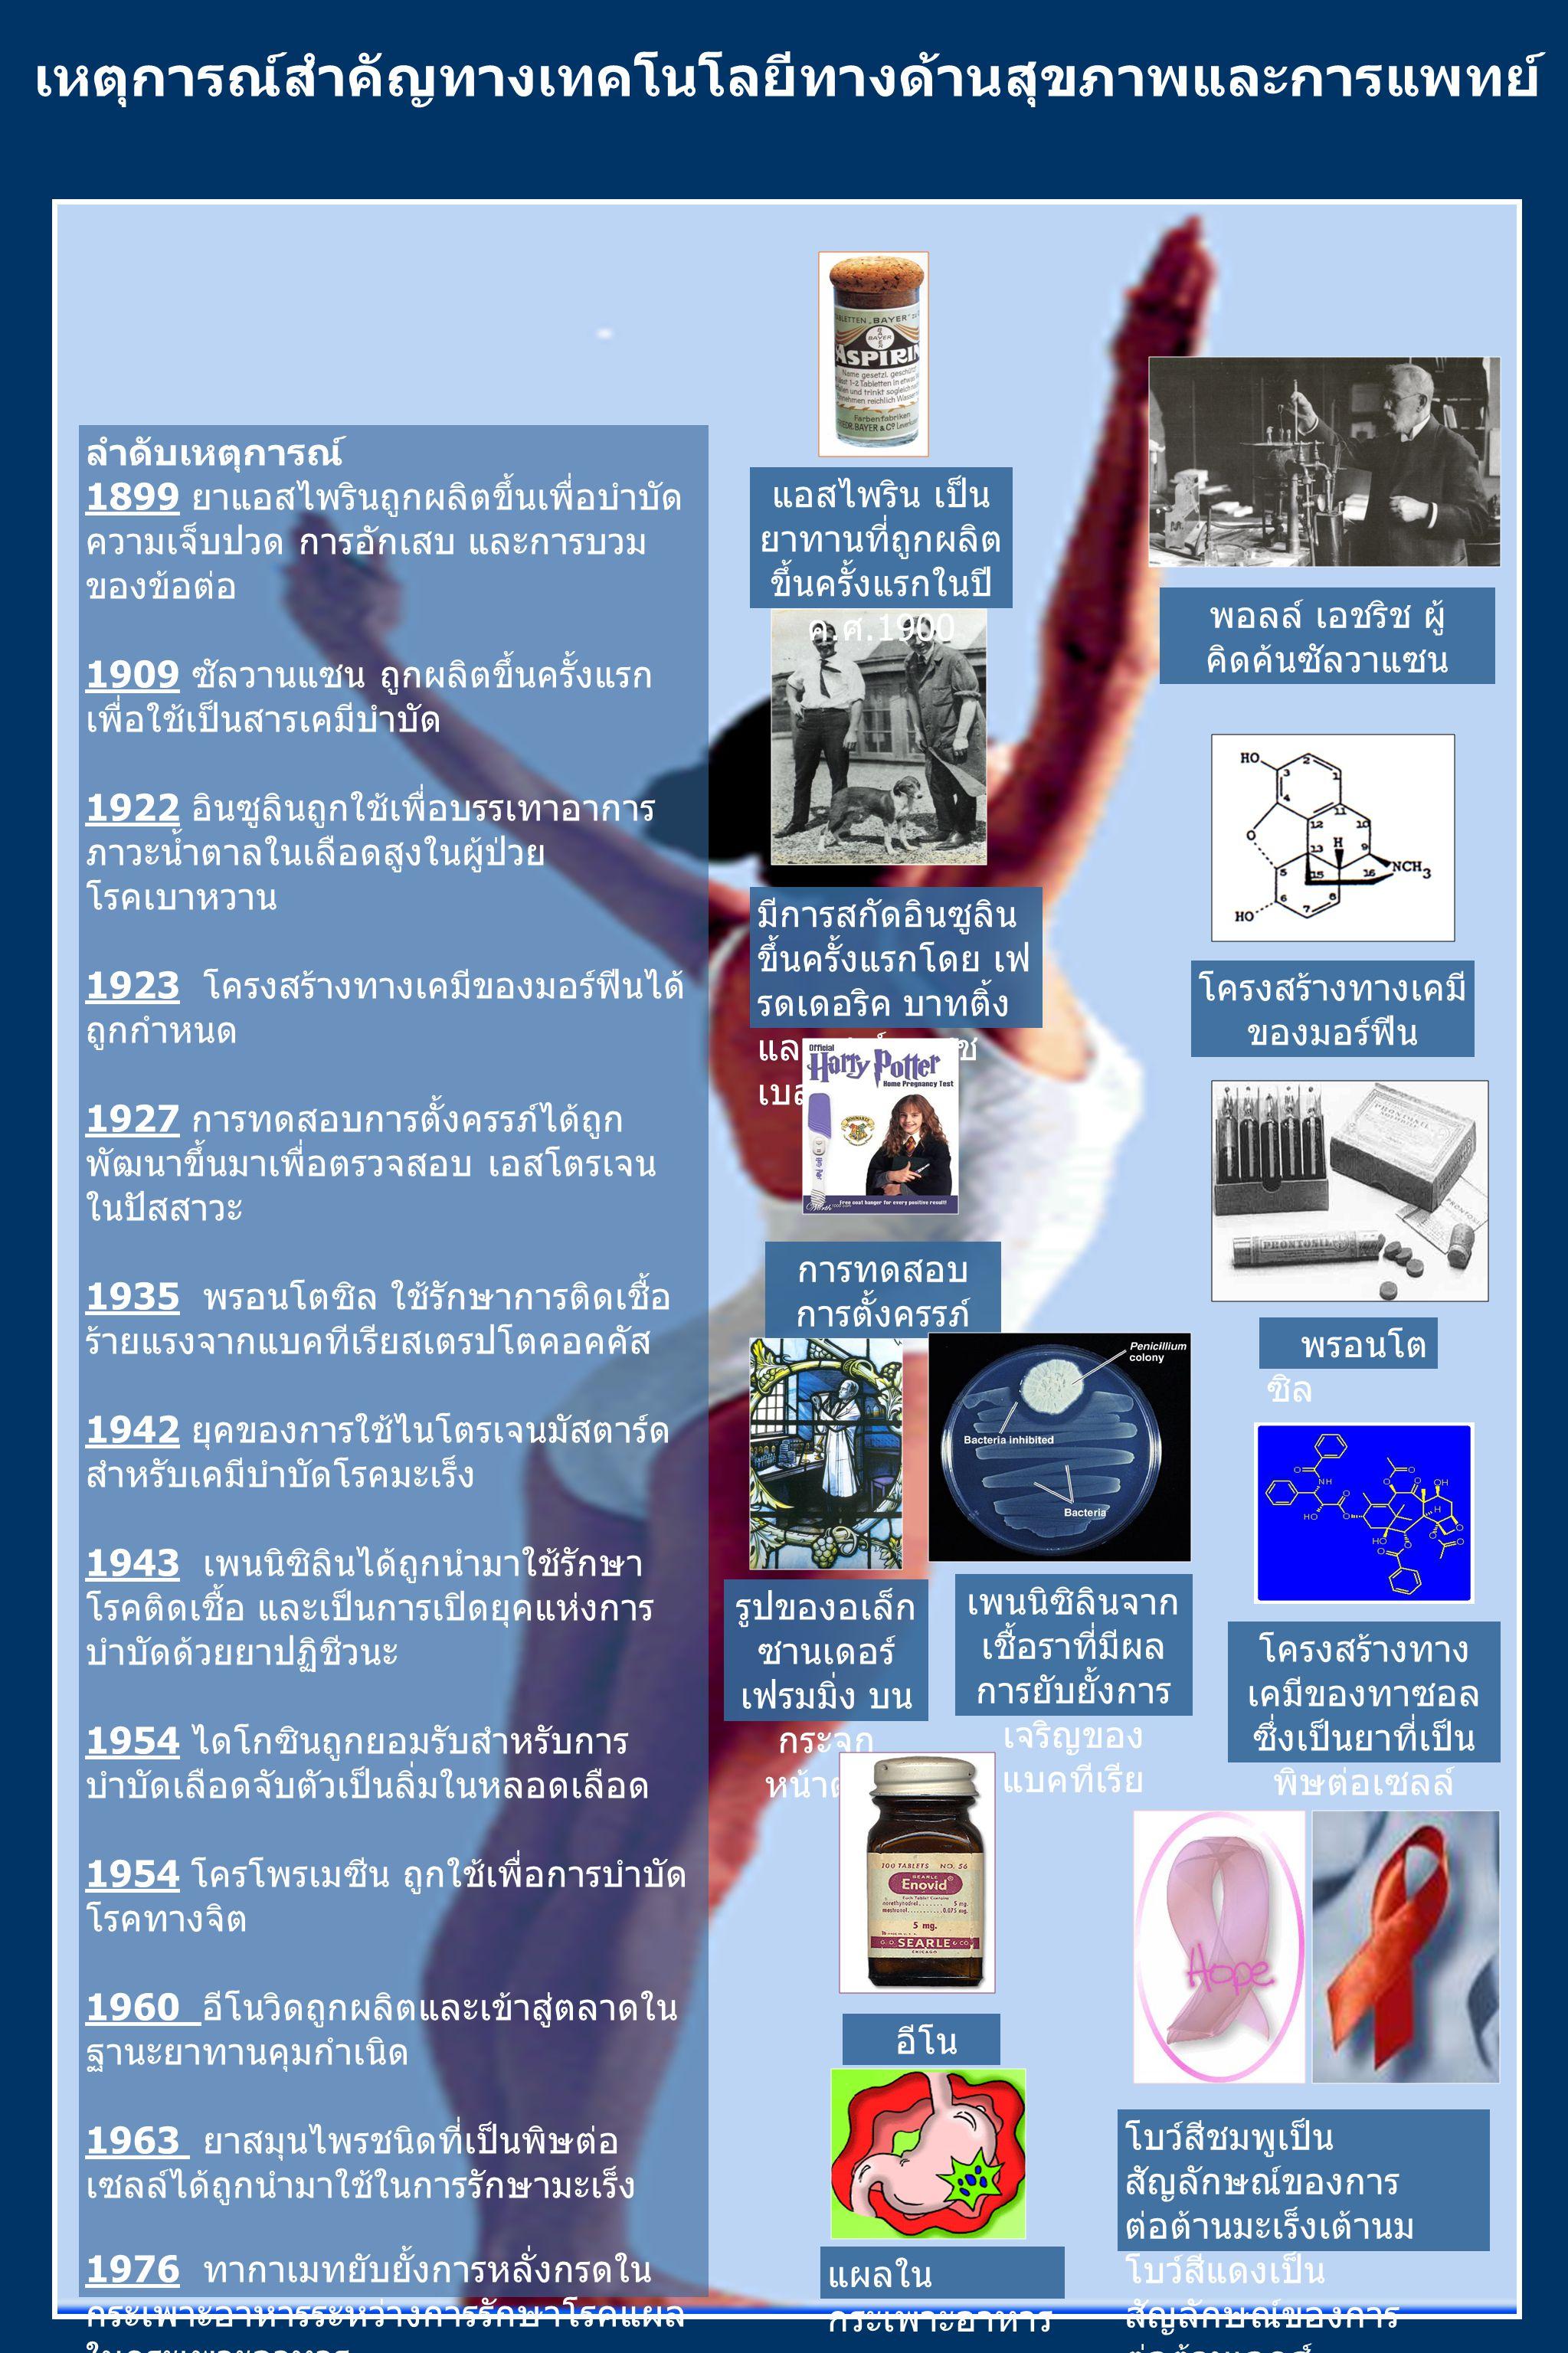 เหตุการณ์สำคัญทางเทคโนโลยีทางด้านสุขภาพและการแพทย์ ลำดับเหตุการณ์ 1899 ยาแอสไพรินถูกผลิตขึ้นเพื่อบำบัด ความเจ็บปวด การอักเสบ และการบวม ของข้อต่อ 1909 ซัลวานแซน ถูกผลิตขึ้นครั้งแรก เพื่อใช้เป็นสารเคมีบำบัด 1922 อินซูลินถูกใช้เพื่อบรรเทาอาการ ภาวะน้ำตาลในเลือดสูงในผู้ป่วย โรคเบาหวาน 1923 โครงสร้างทางเคมีของมอร์ฟีนได้ ถูกกำหนด 1927 การทดสอบการตั้งครรภ์ได้ถูก พัฒนาขึ้นมาเพื่อตรวจสอบ เอสโตรเจน ในปัสสาวะ 1935 พรอนโตซิล ใช้รักษาการติดเชื้อ ร้ายแรงจากแบคทีเรียสเตรปโตคอคคัส 1942 ยุคของการใช้ไนโตรเจนมัสตาร์ด สำหรับเคมีบำบัดโรคมะเร็ง 1943 เพนนิซิลินได้ถูกนำมาใช้รักษา โรคติดเชื้อ และเป็นการเปิดยุคแห่งการ บำบัดด้วยยาปฏิชีวนะ 1954 ไดโกซินถูกยอมรับสำหรับการ บำบัดเลือดจับตัวเป็นลิ่มในหลอดเลือด 1954 โครโพรเมซีน ถูกใช้เพื่อการบำบัด โรคทางจิต 1960 อีโนวิดถูกผลิตและเข้าสู่ตลาดใน ฐานะยาทานคุมกำเนิด 1963 ยาสมุนไพรชนิดที่เป็นพิษต่อ เซลล์ได้ถูกนำมาใช้ในการรักษามะเร็ง 1976 ทากาเมทยับยั้งการหลั่งกรดใน กระเพาะอาหารระหว่างการรักษาโรคแผล ในกระเพาะอาหาร 1977 ทาโมซิเฟนชักนำตัวยับยั้ง ฮอร์โมนในการบำบัดโรคมะเร็ง 1987 ซิโดวูดีน (AZT) ได้รับการยอมรับ โดย FDA สำหรับการบำบัดโรคติดเชื้อ เอดส์ พอลล์ เอชริช ผู้ คิดค้นซัลวาแซน มีการสกัดอินซูลิน ขึ้นครั้งแรกโดย เฟ รดเดอริค บาทติ้ง และ ชาร์ล เฮช เบส พรอนโต ซิล รูปของอเล็ก ซานเดอร์ เฟรมมิ่ง บน กระจก หน้าต่าง เพนนิซิลินจาก เชื้อราที่มีผล การยับยั้งการ เจริญของ แบคทีเรีย อีโน วิด โครงสร้างทาง เคมีของทาซอล ซึ่งเป็นยาที่เป็น พิษต่อเซลล์ แผลใน กระเพาะอาหาร โบว์สีชมพูเป็น สัญลักษณ์ของการ ต่อต้านมะเร็งเต้านม โบว์สีแดงเป็น สัญลักษณ์ของการ ต่อต้านเอดส์ แอสไพริน เป็น ยาทานที่ถูกผลิต ขึ้นครั้งแรกในปี ค.